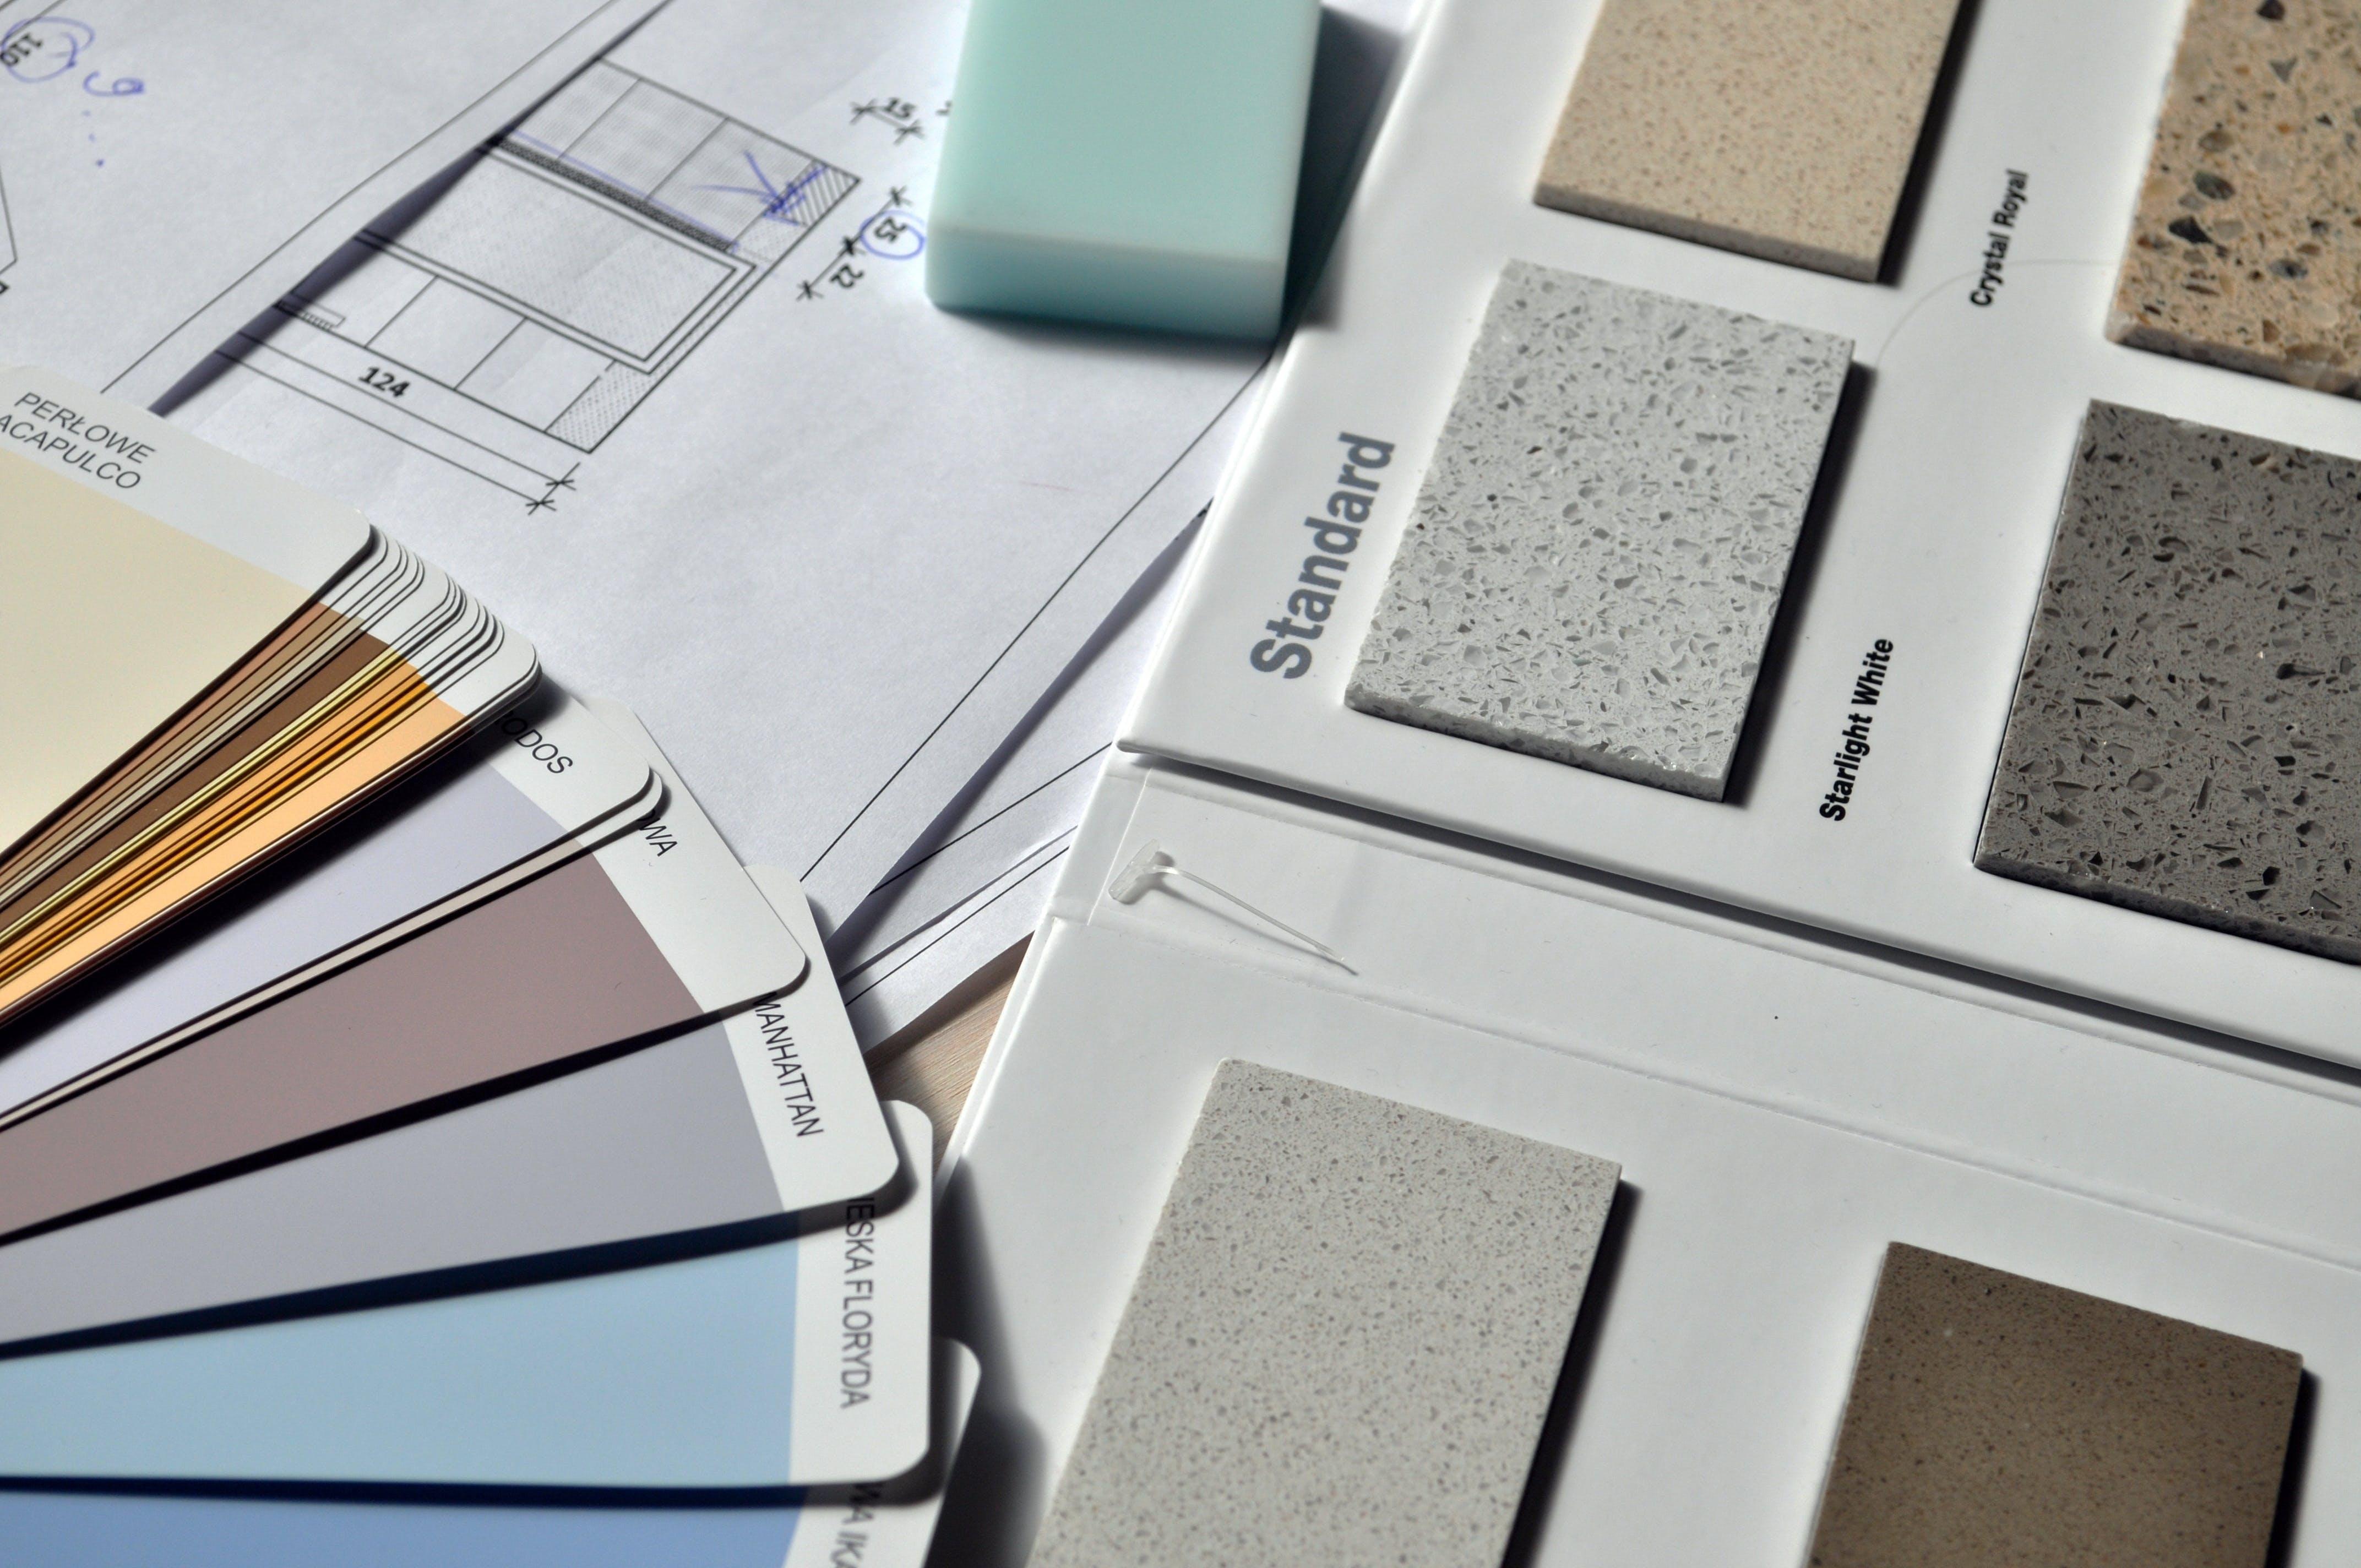 Gray Standard Color Book Near Green Eraser